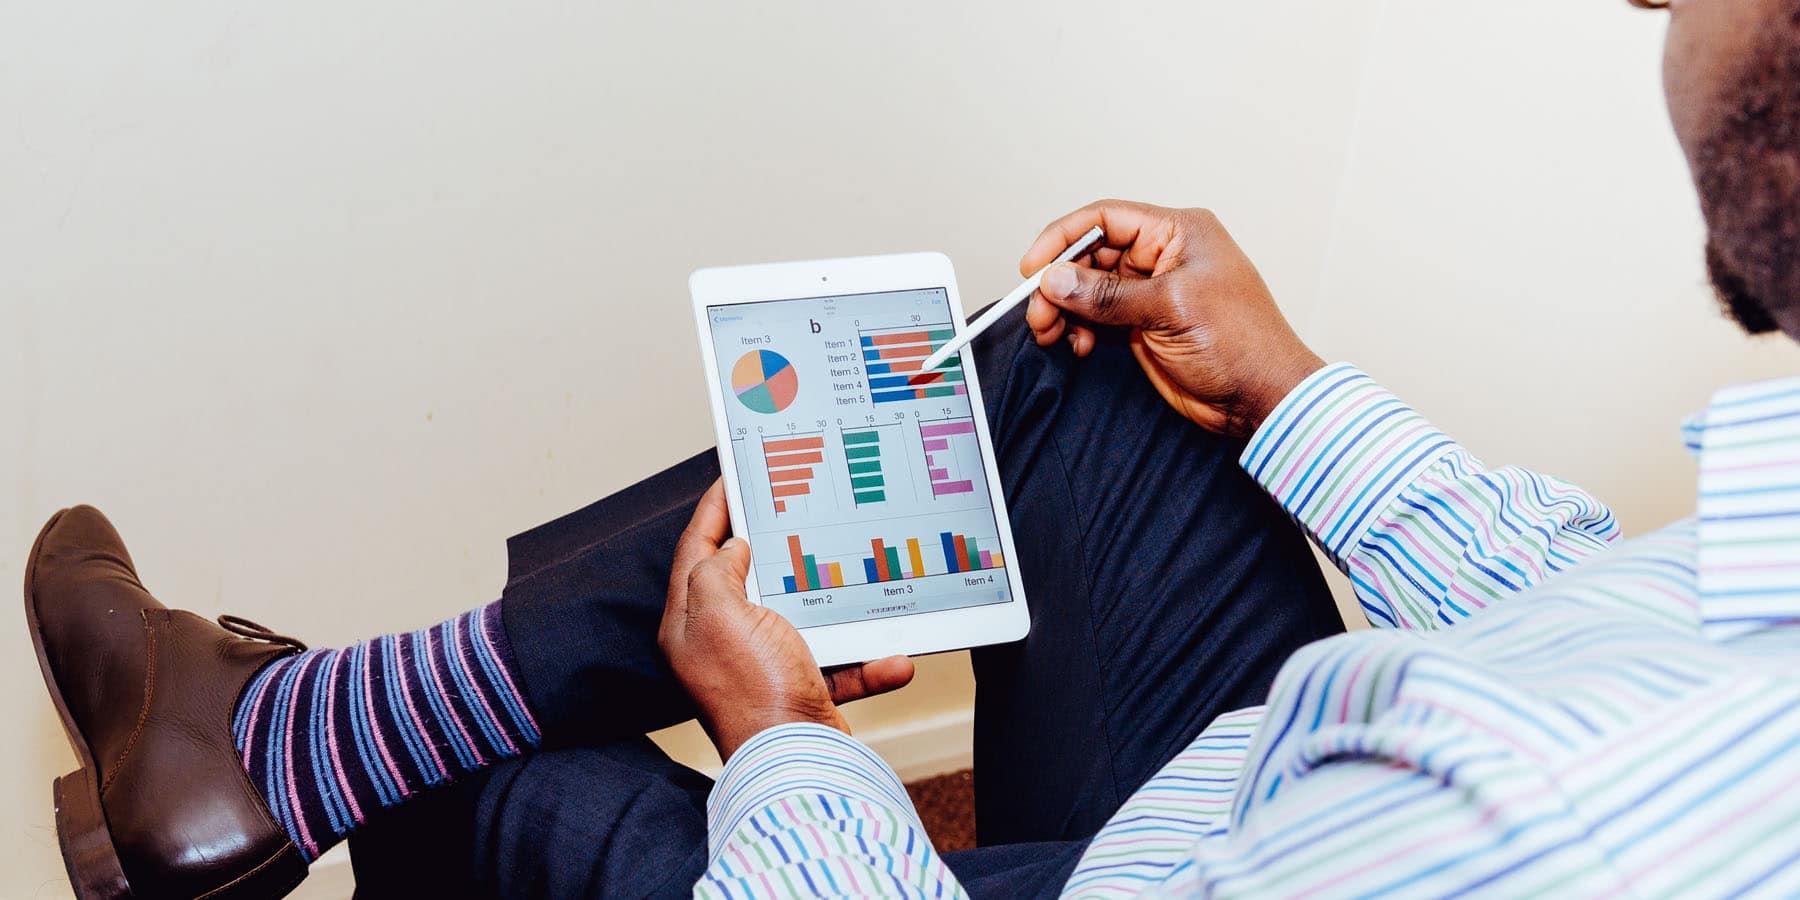 Logiciel de gestion d'entreprise : définition, secteurs, avantages… on vous explique tout !